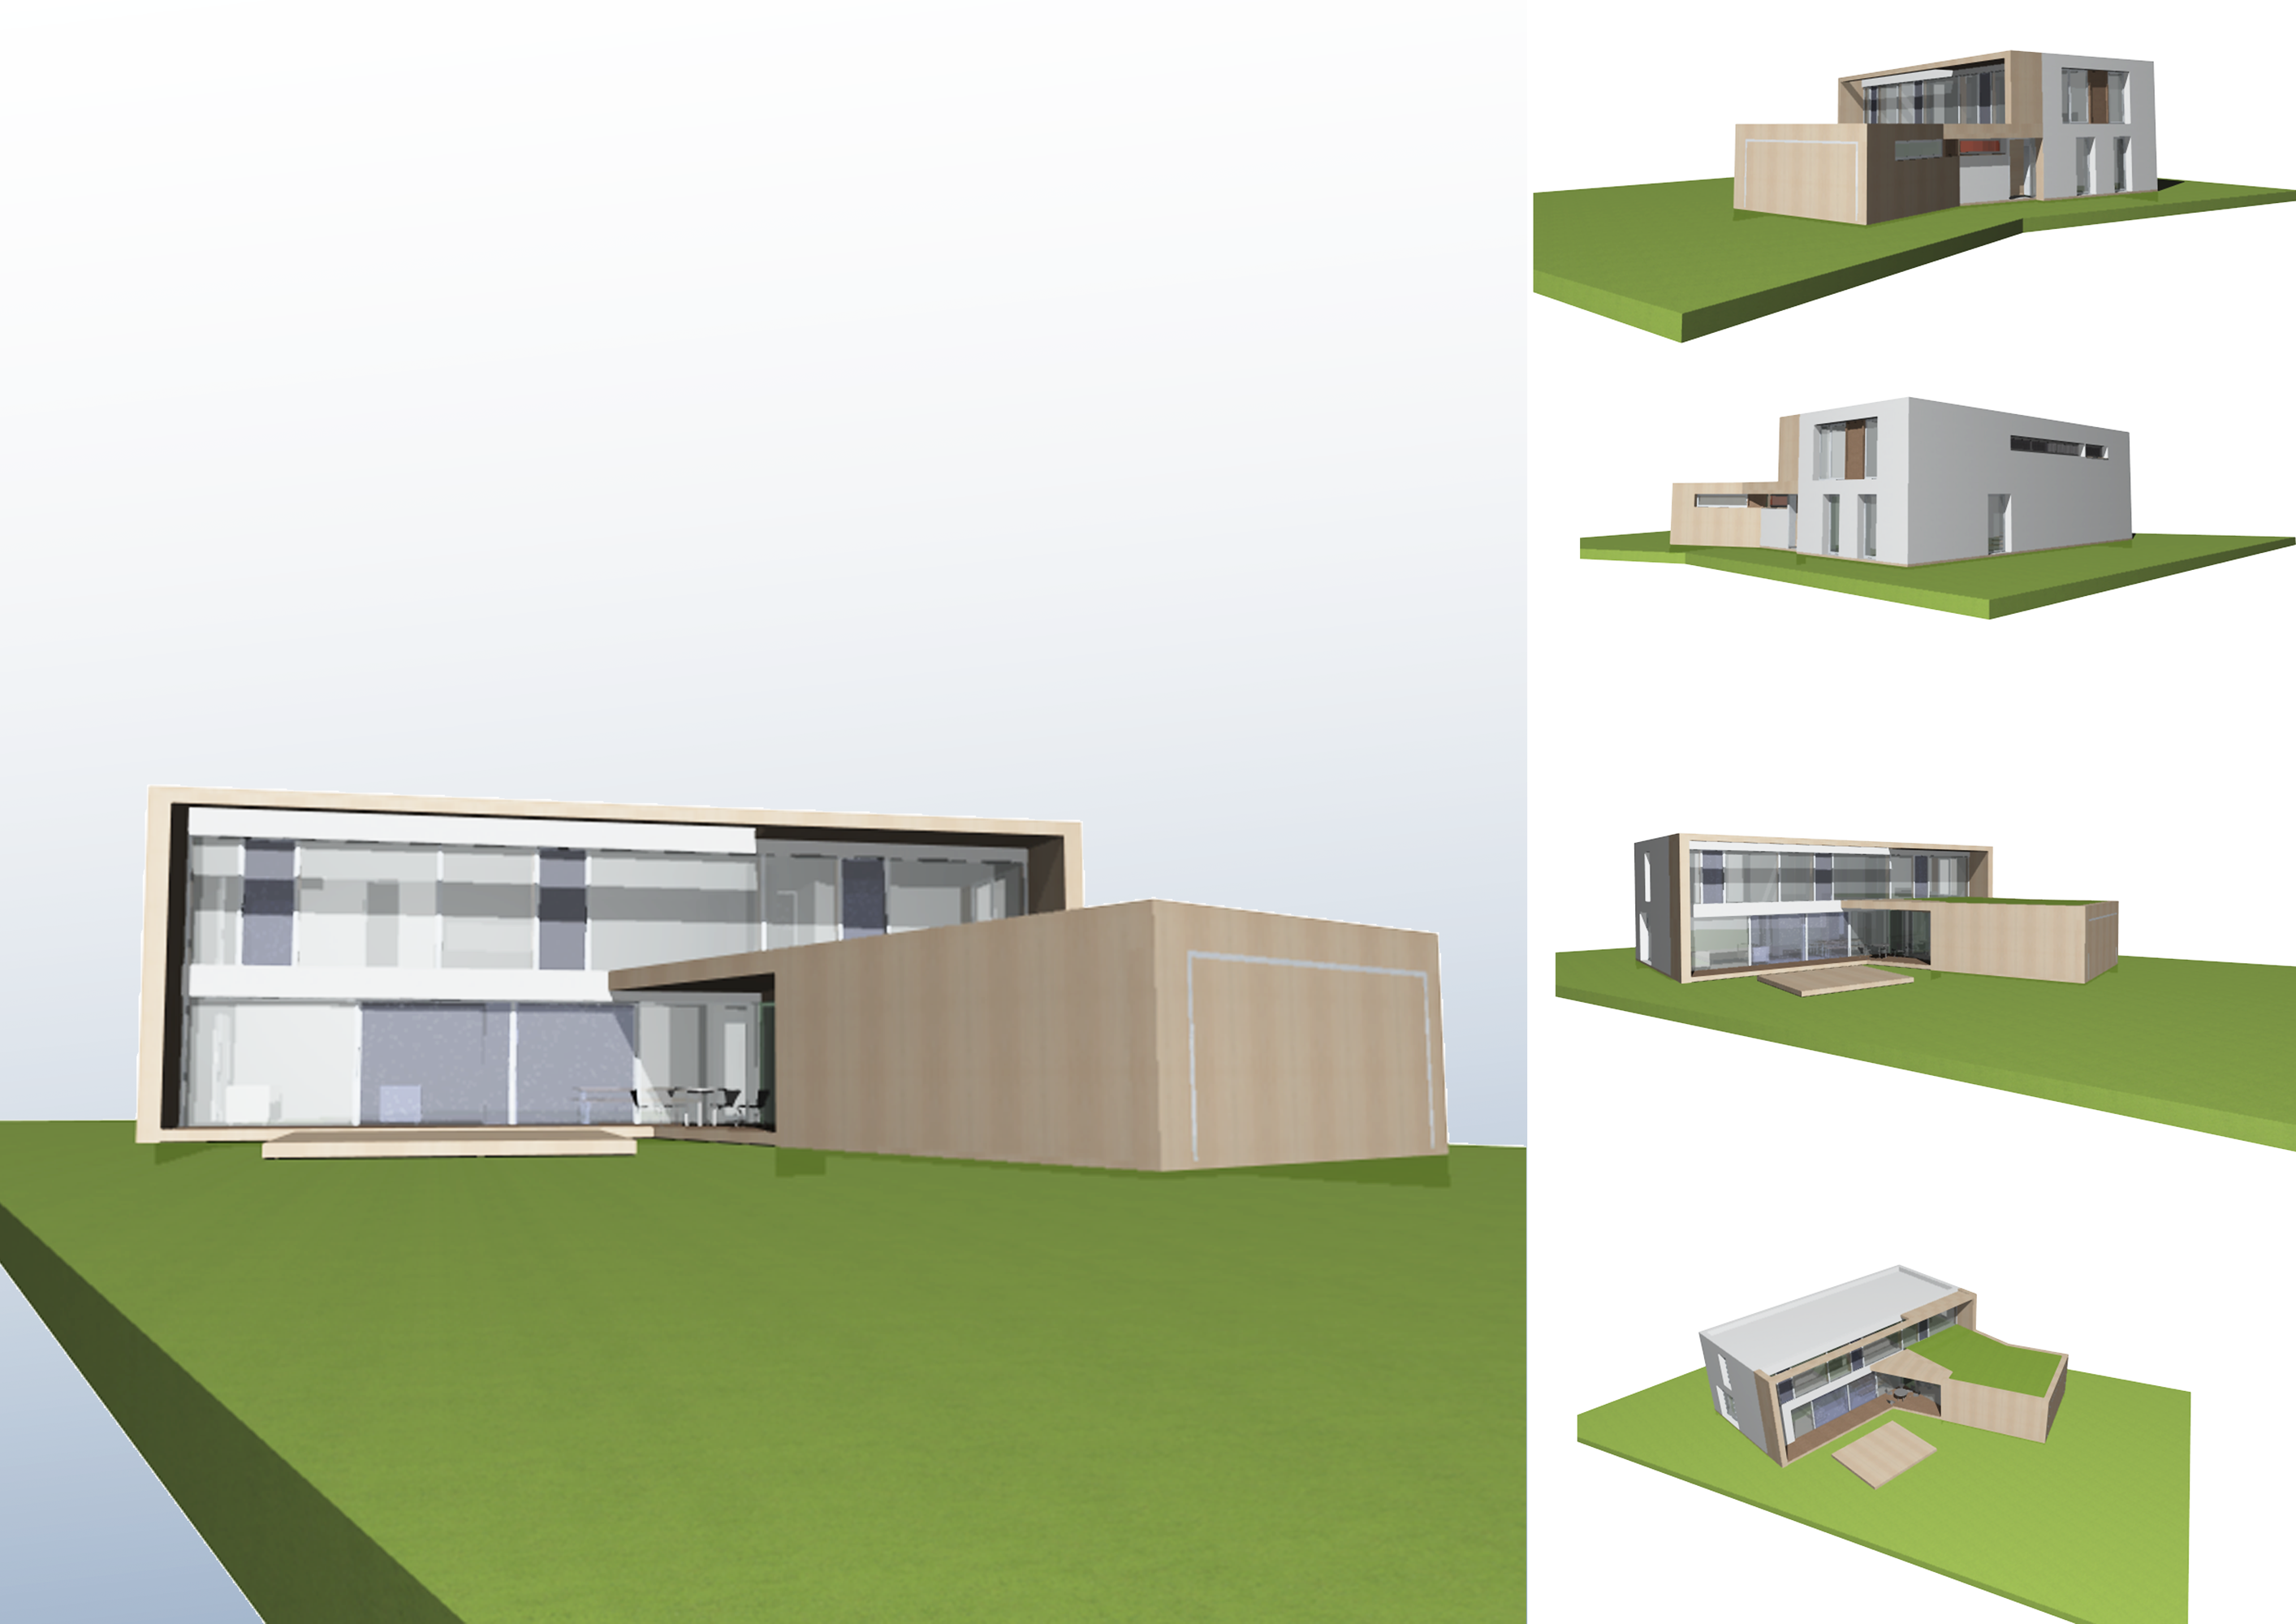 energiesparhaus neubau eines kfw 40 haus in wendelstein blauhaus architekten. Black Bedroom Furniture Sets. Home Design Ideas